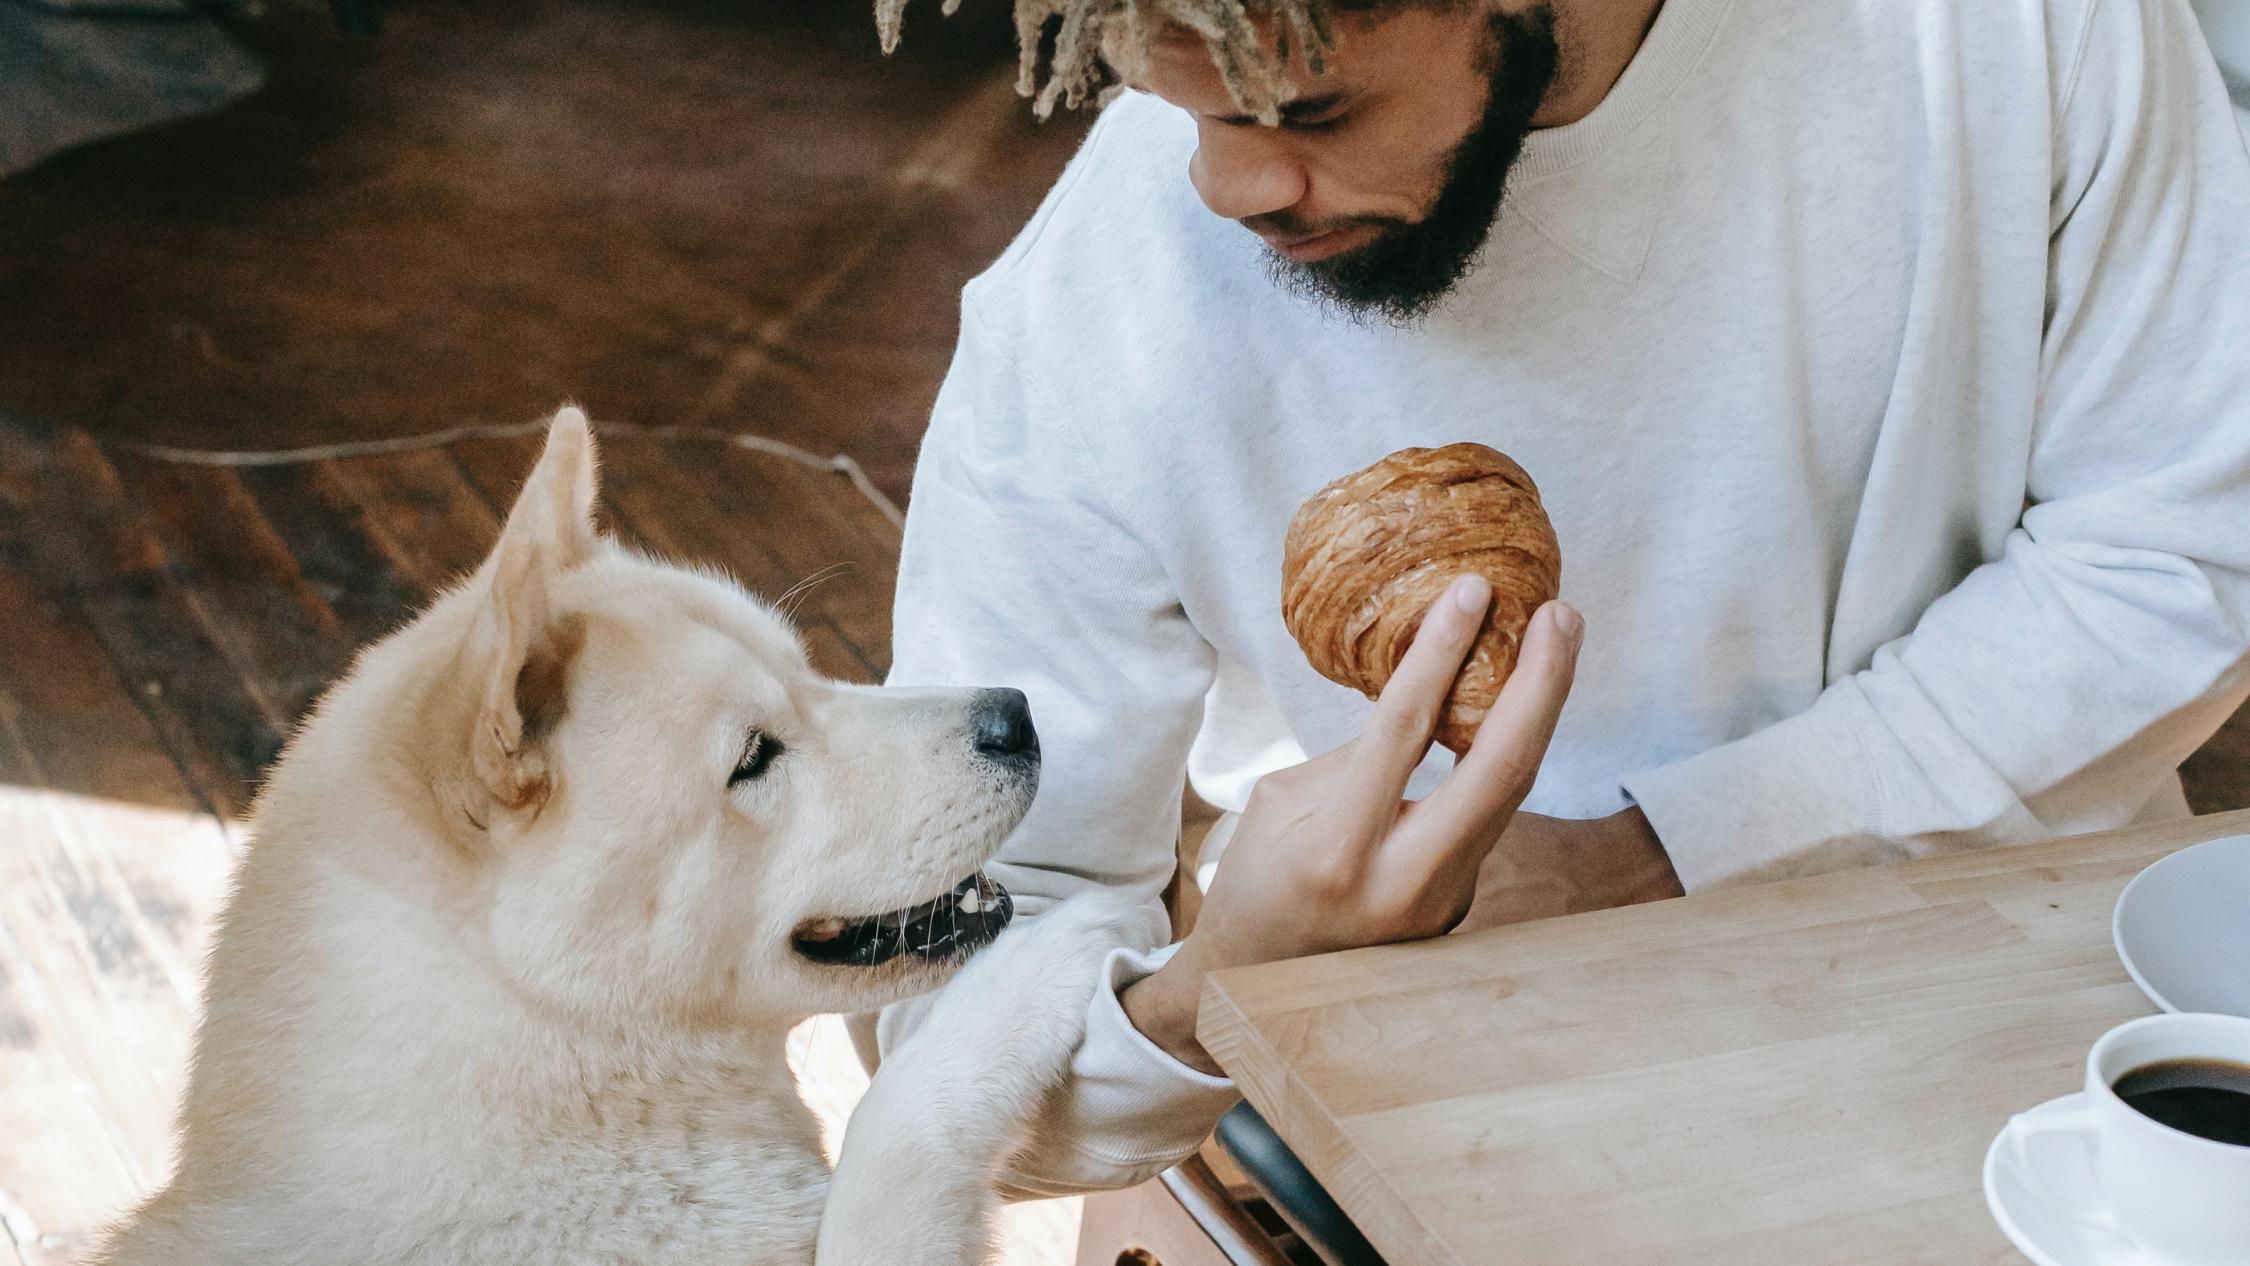 Dog-friendly cafés